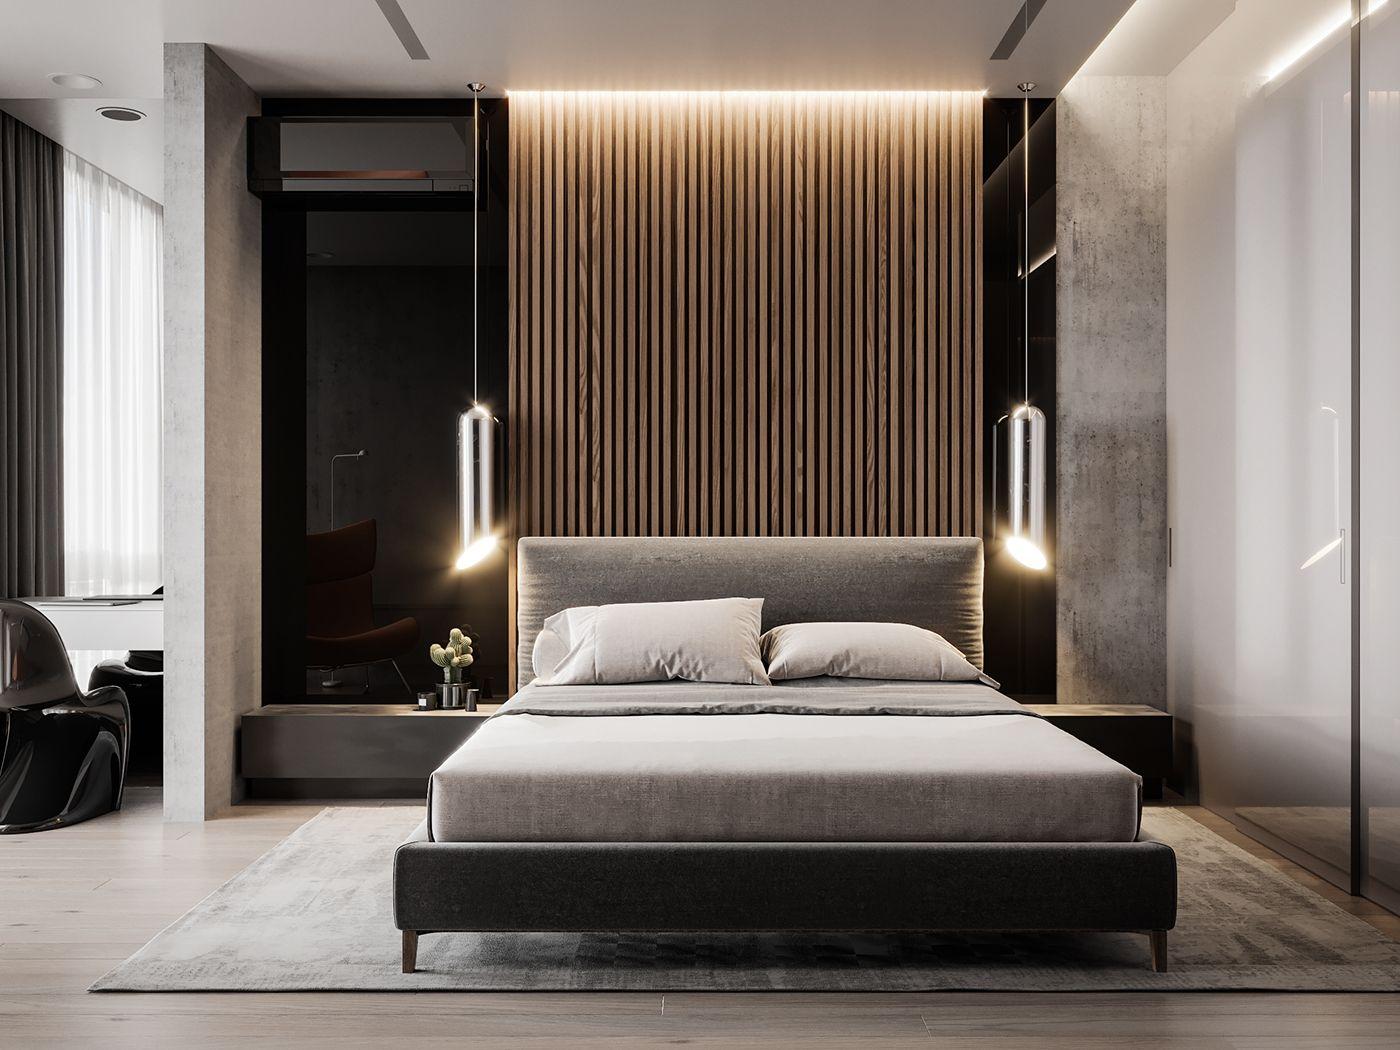 bedroom design | Quarto moderno, Quarto contemporâneo ...